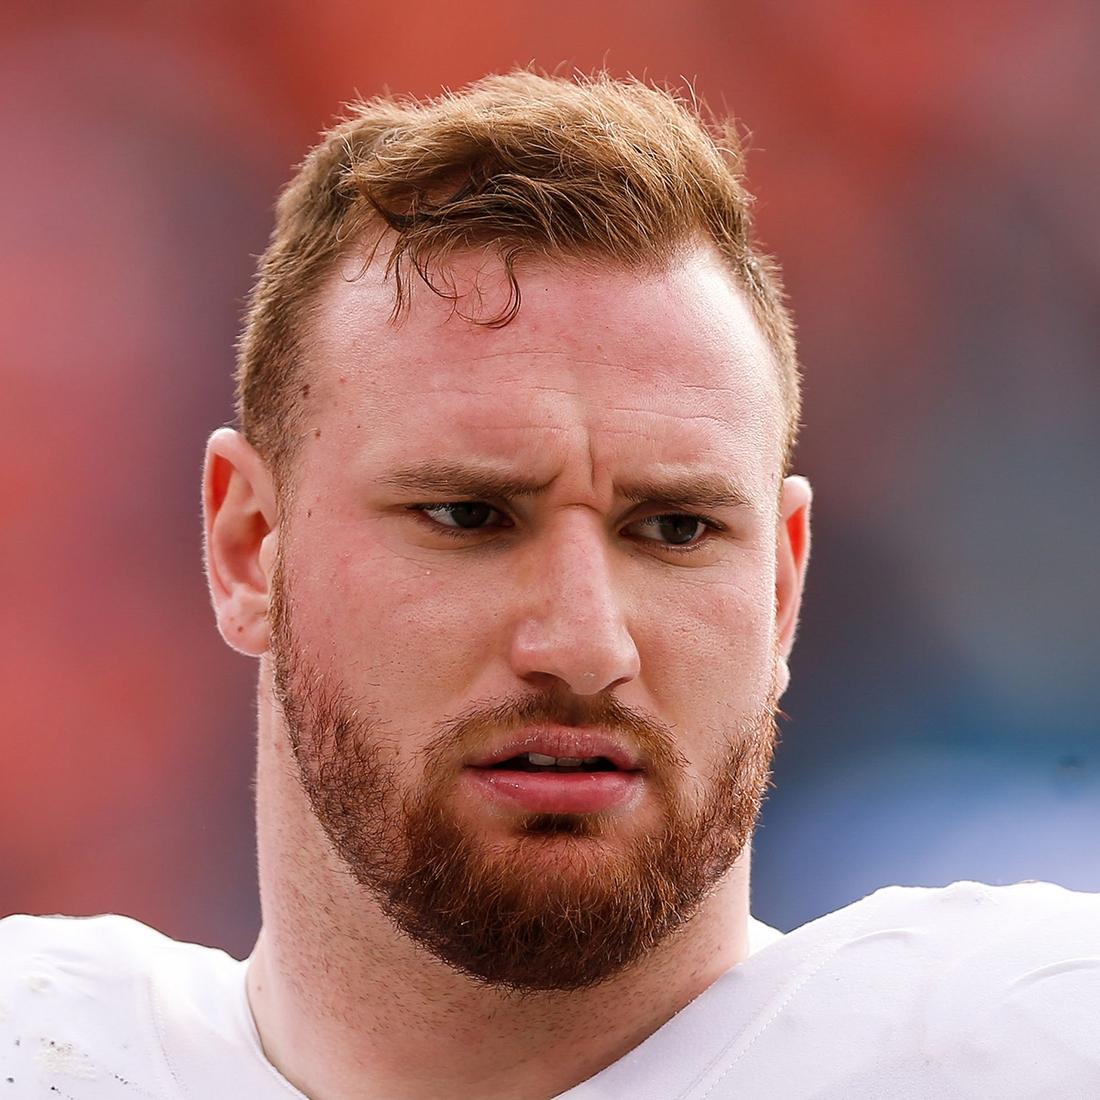 Detroit Lions NFL offensive line Frank Ragnow